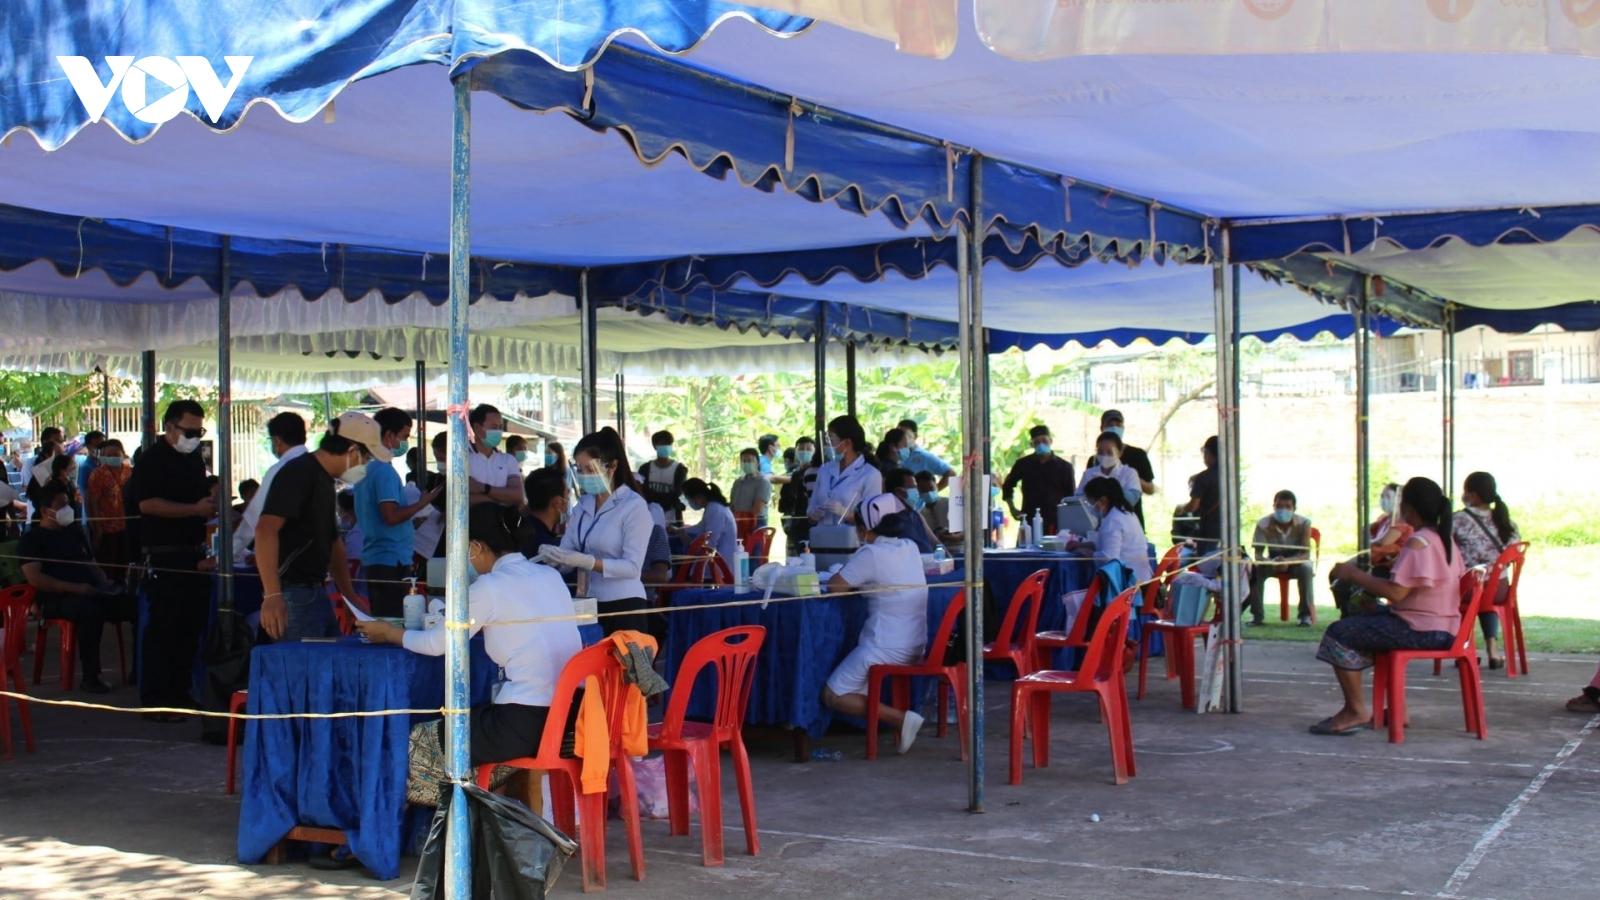 Tình trạng trốn điều trị khiến dịch Covid-19 ở Lào lây lan khó kiểm soát